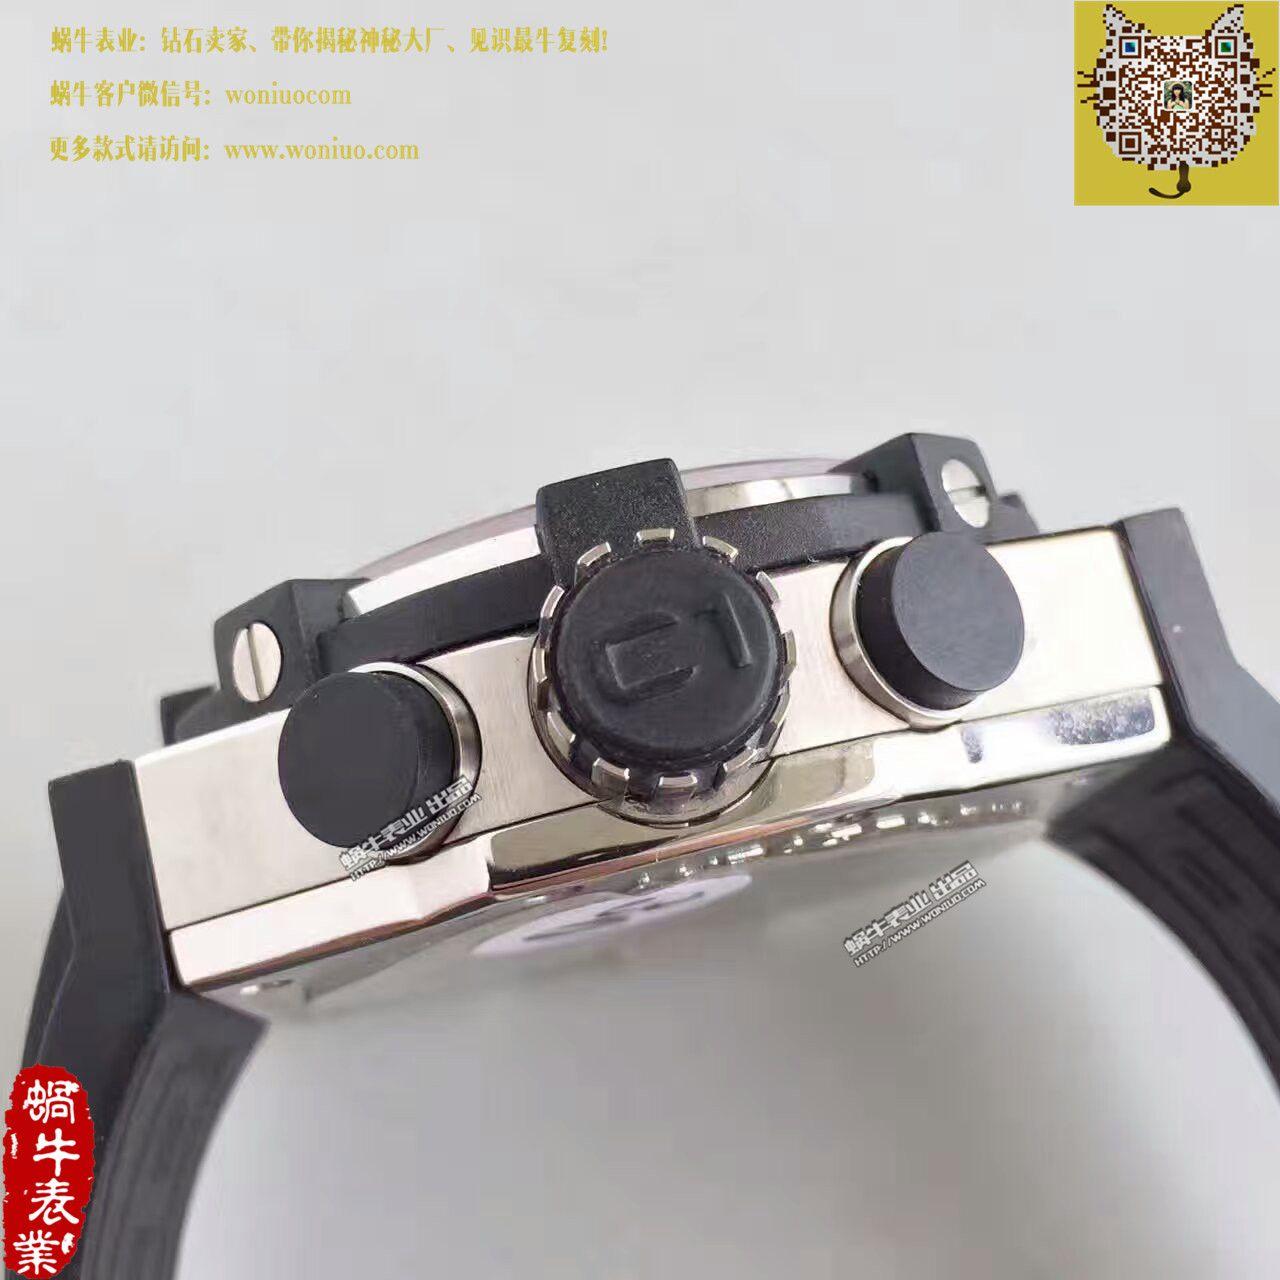 【台湾厂1比1超A精仿手表】君皇 Concord C1Mecatech Chronograph  watch腕表 / 君皇03